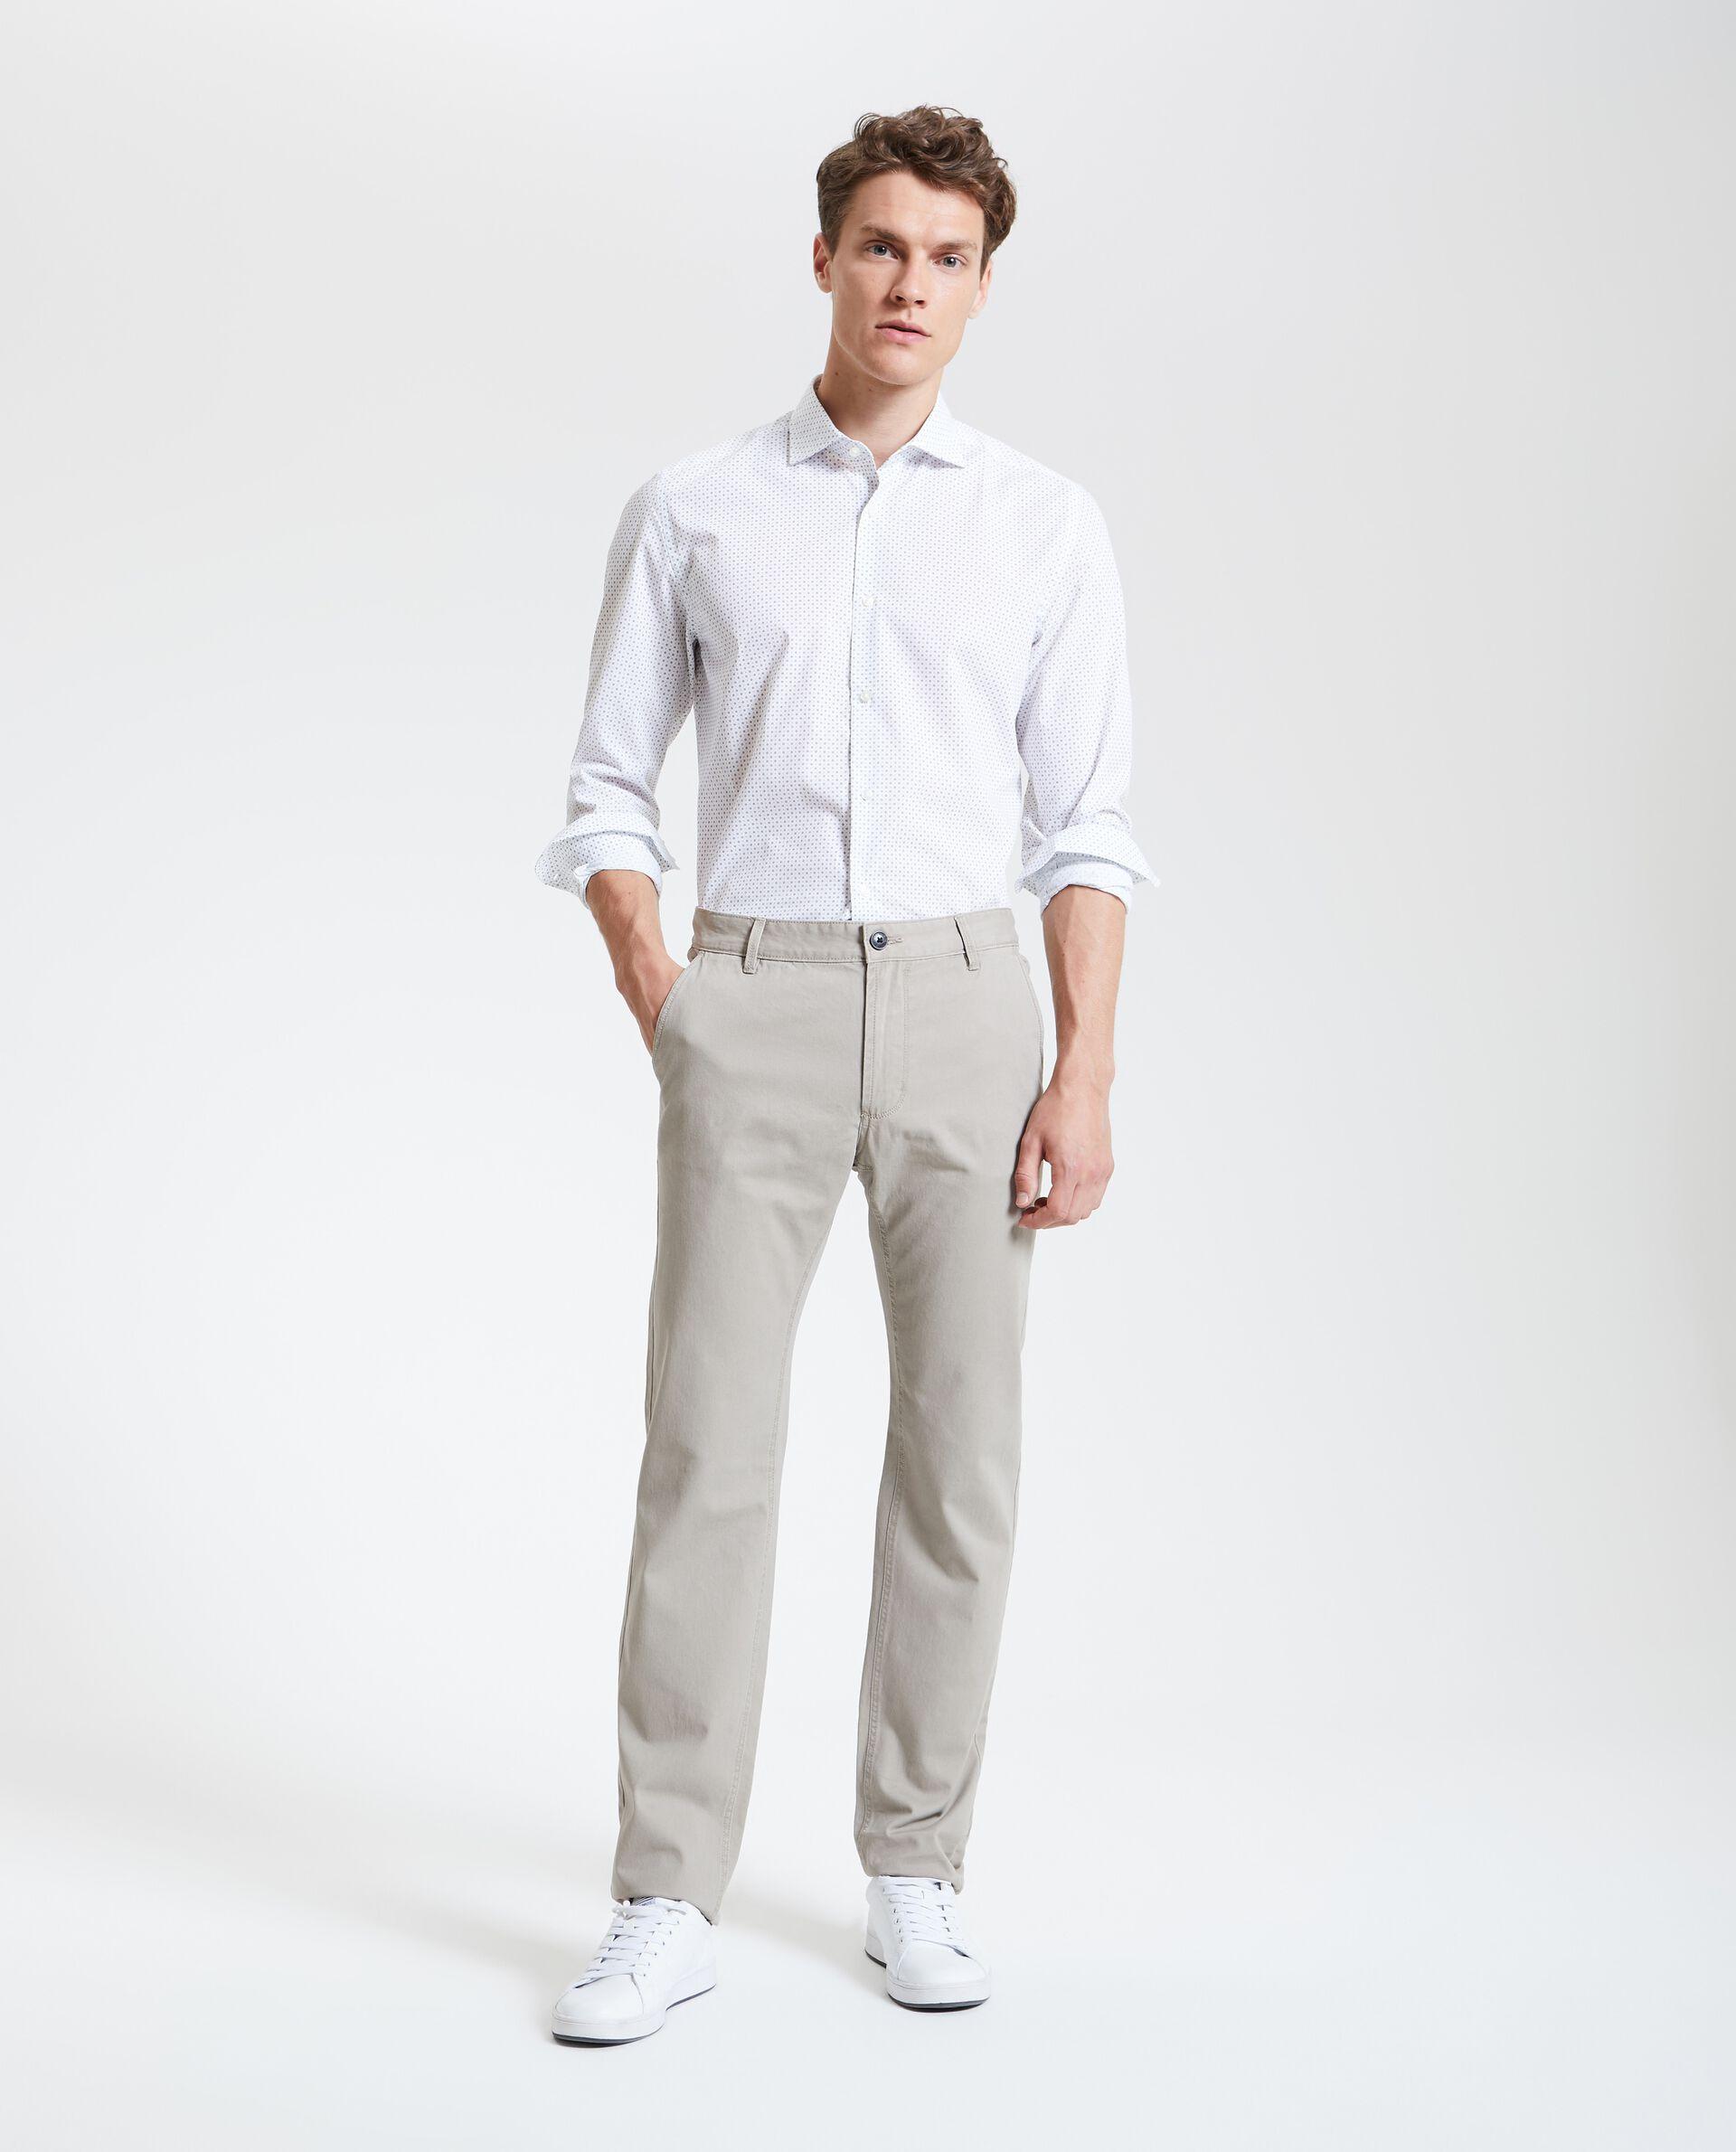 Pantaloni in puro cotone uomo